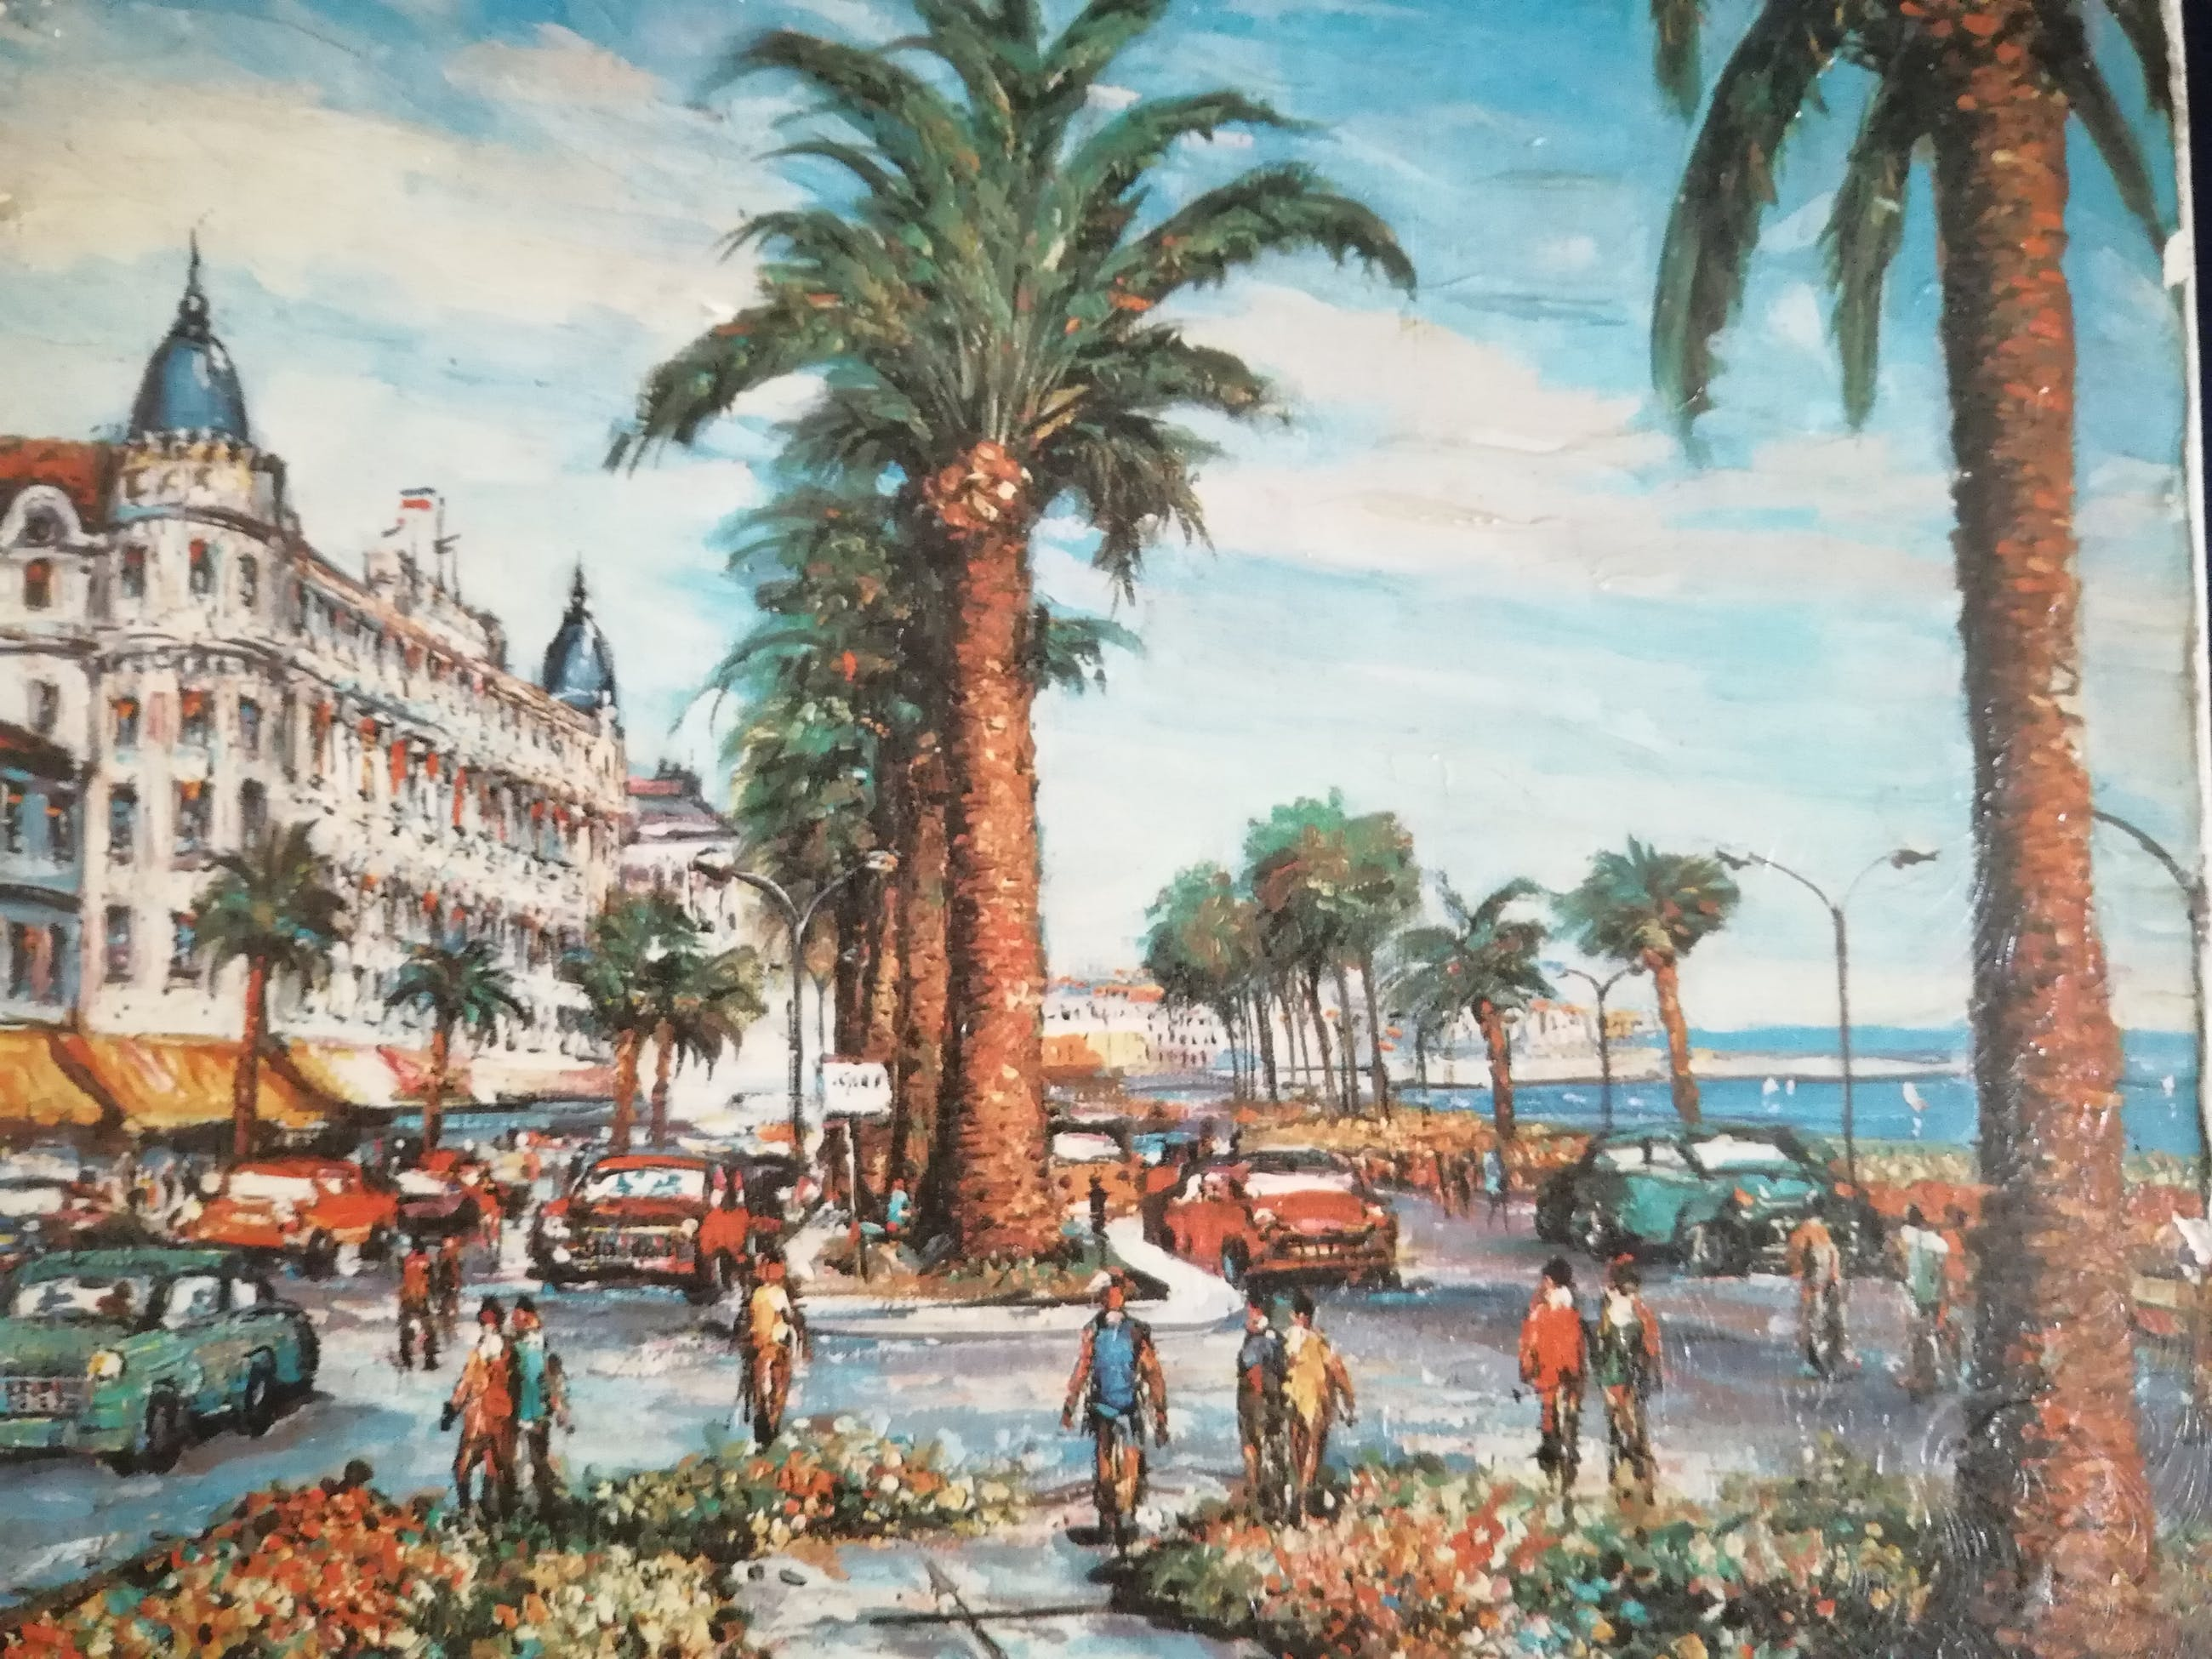 Niet of onleesbaar gesigneerd - Promenade des Anglais in Nice Azurenkust kopen? Bied vanaf 10!